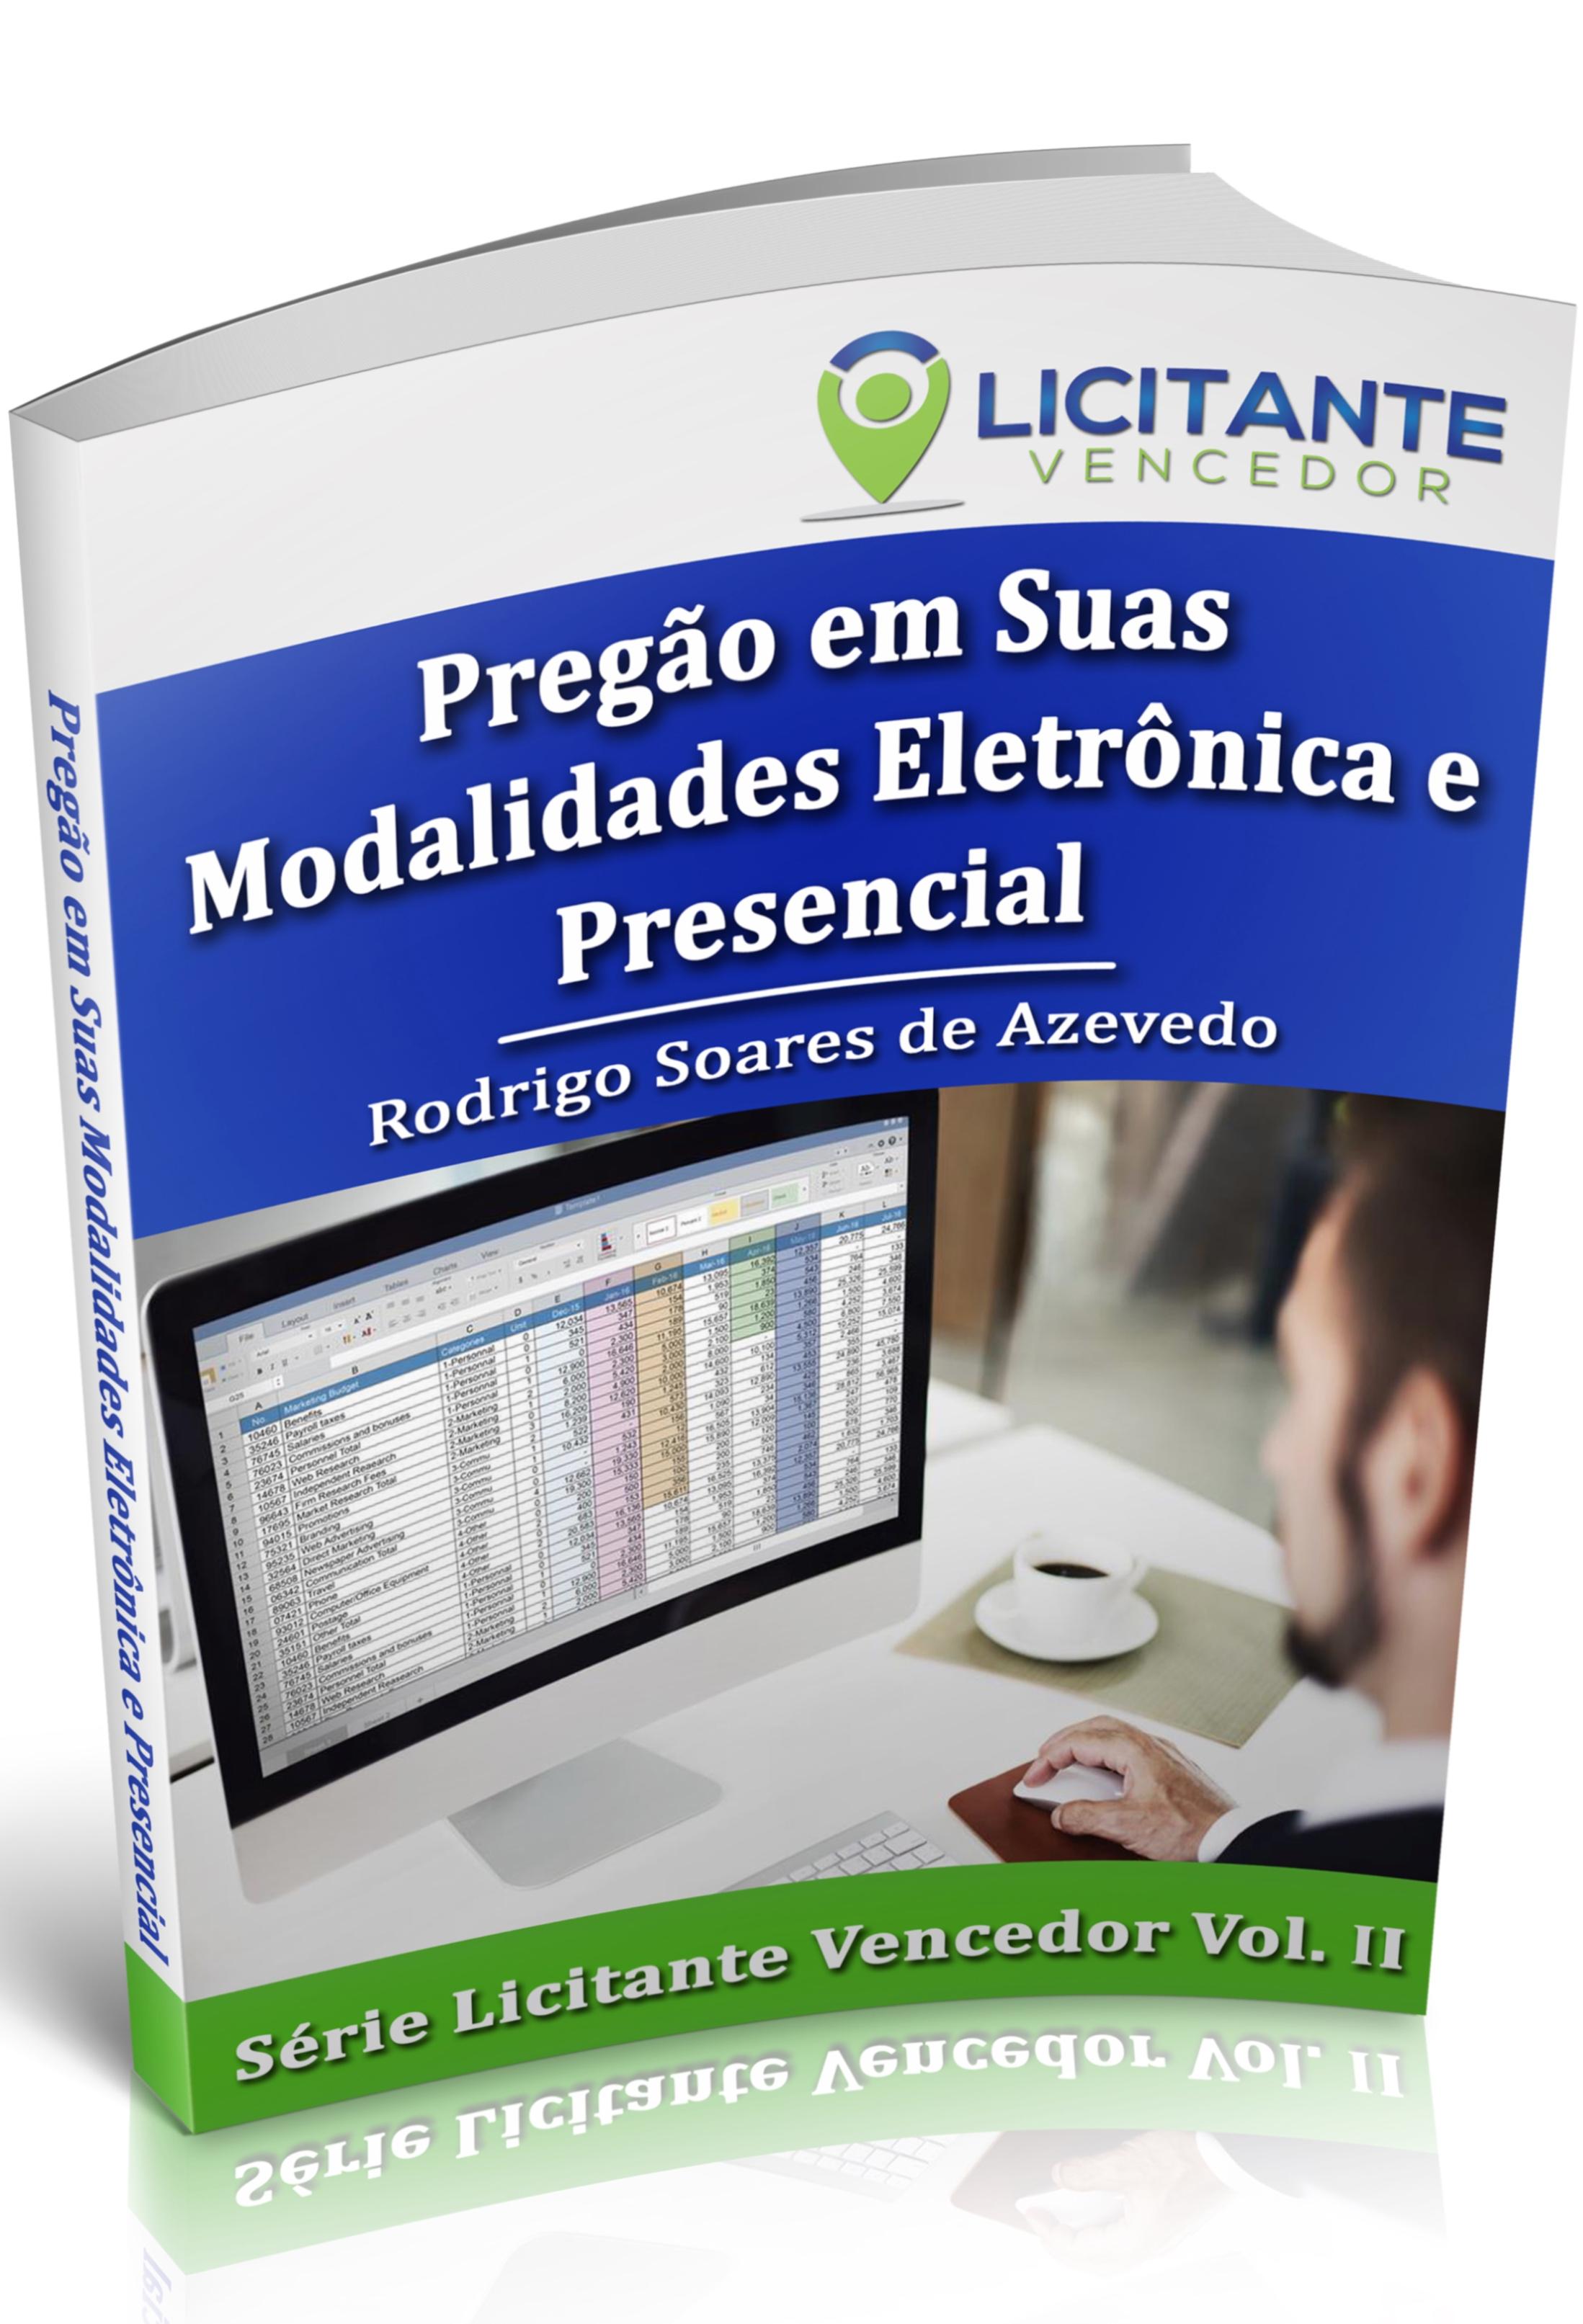 Ebook: PREGÃO em Suas Modalidades Eletrônica e Presencial